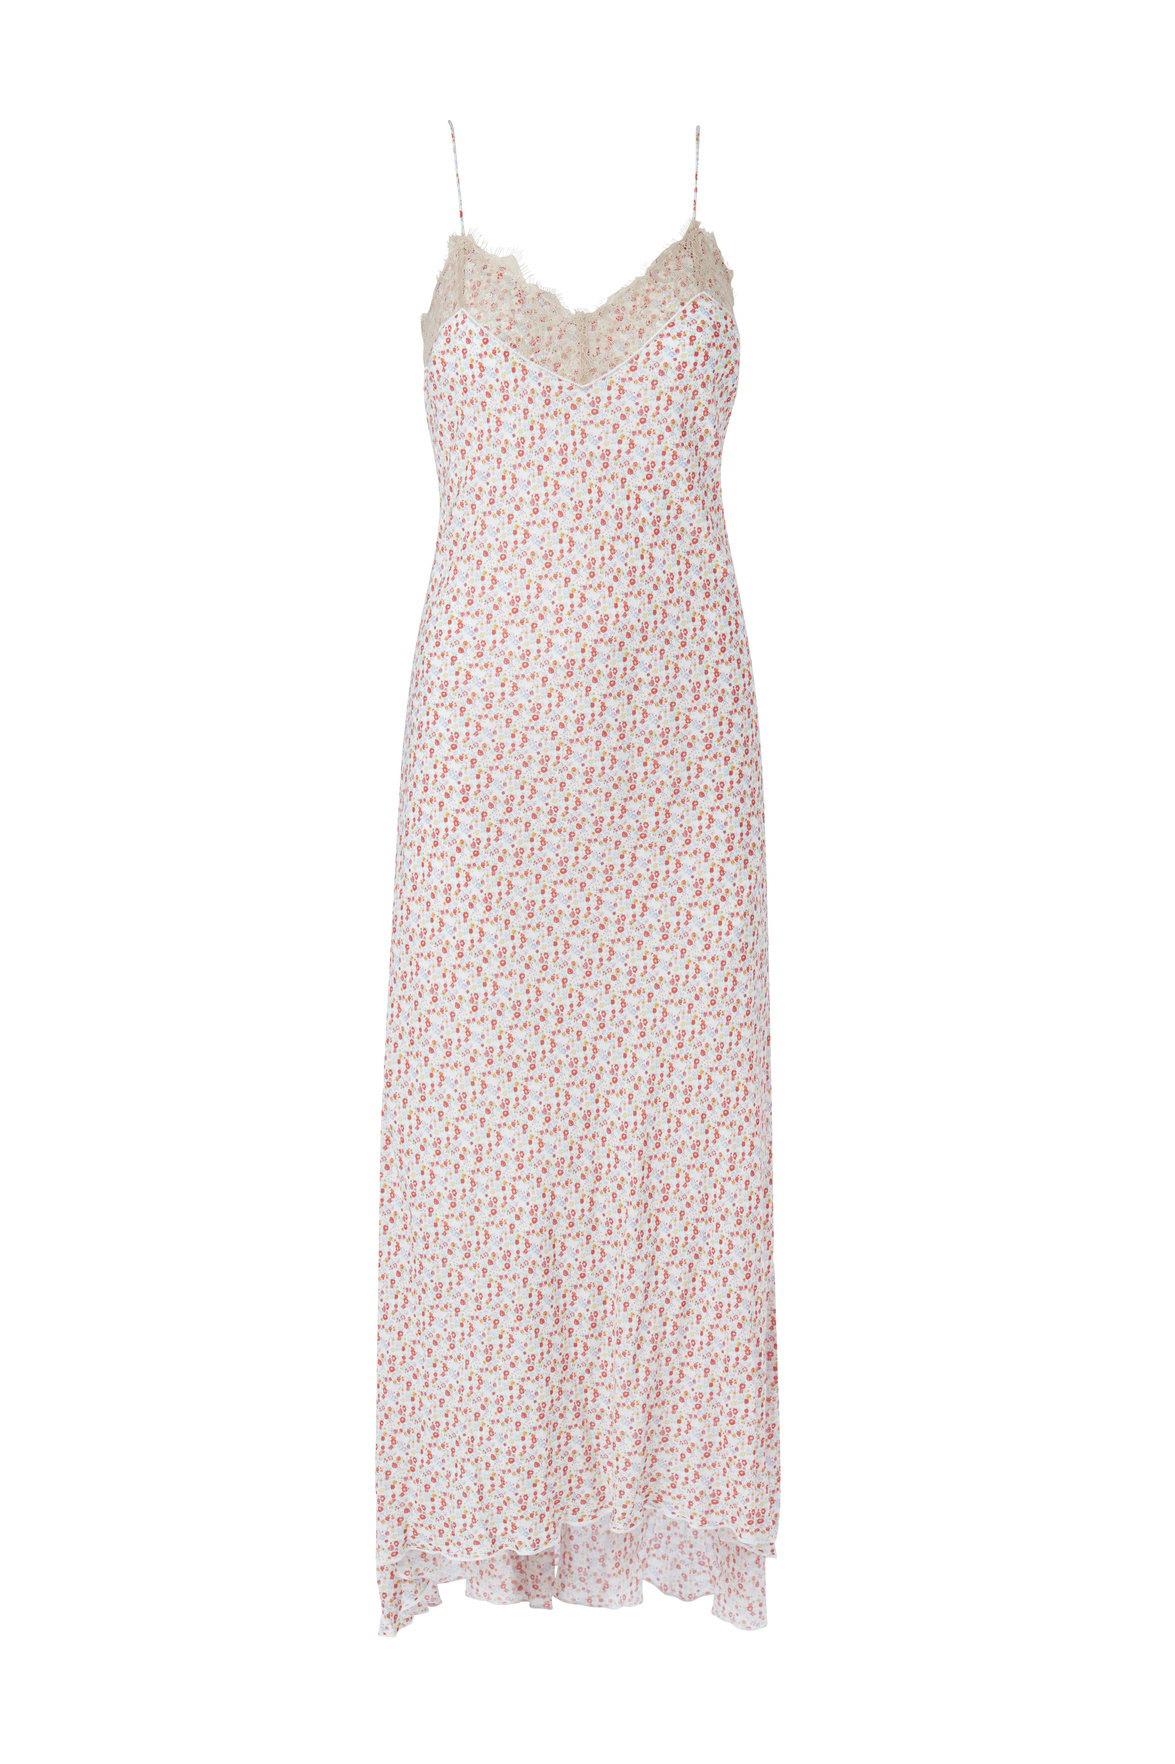 Omita Dress - Flower Field M-1